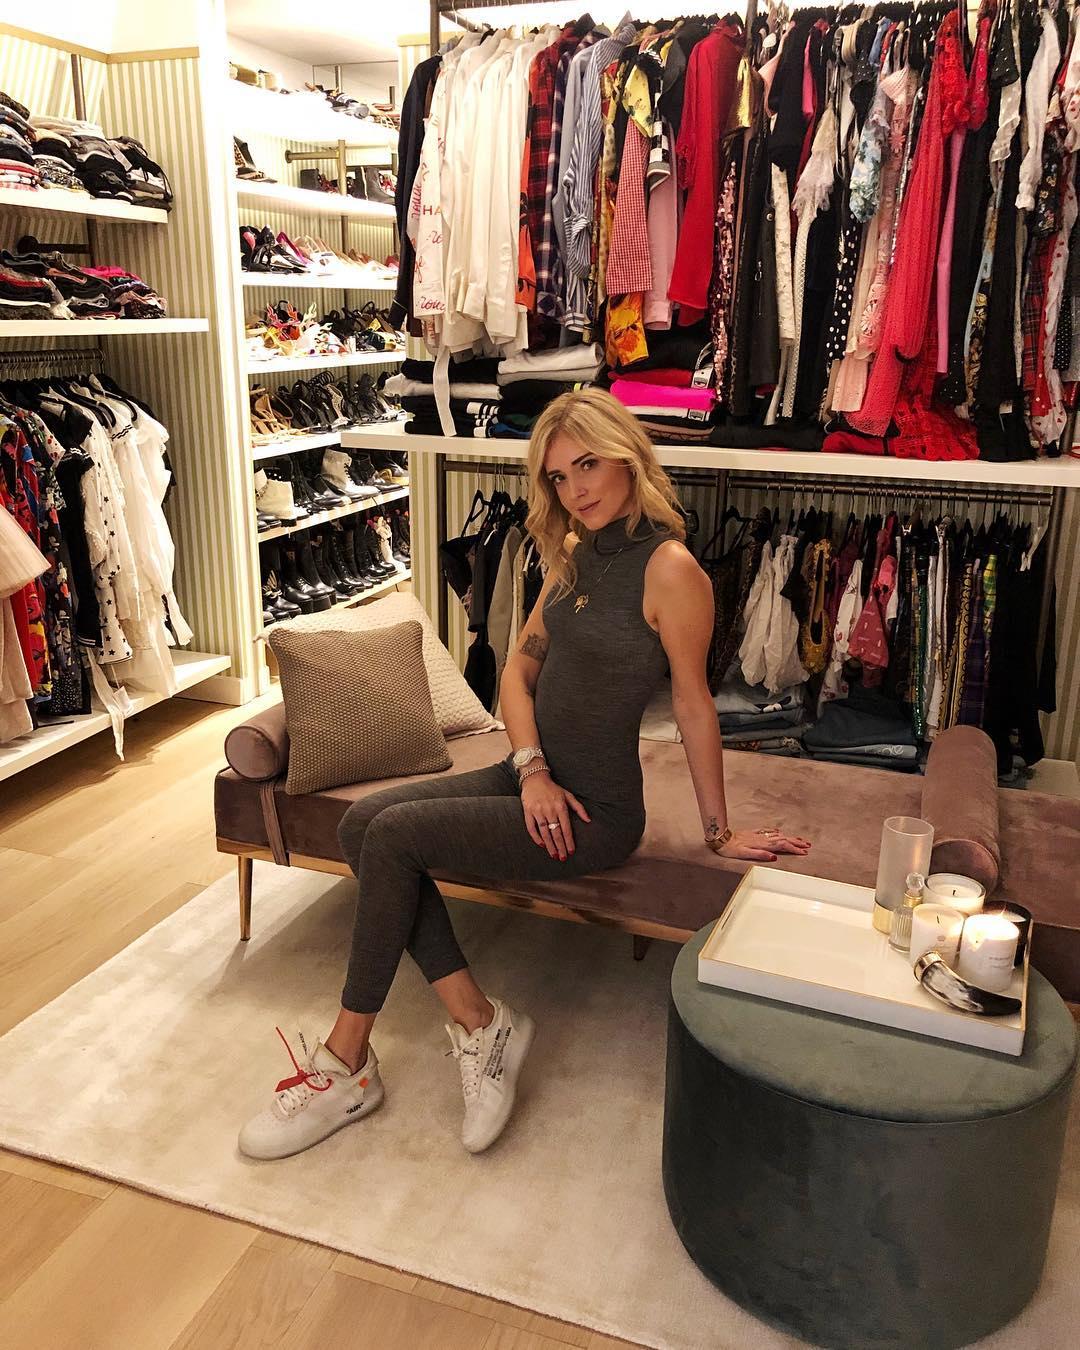 Cabina Armadio Paris Hilton.Chiara Ferragni Mostra Su Instagram Il Suo Guardaroba Da Sogno